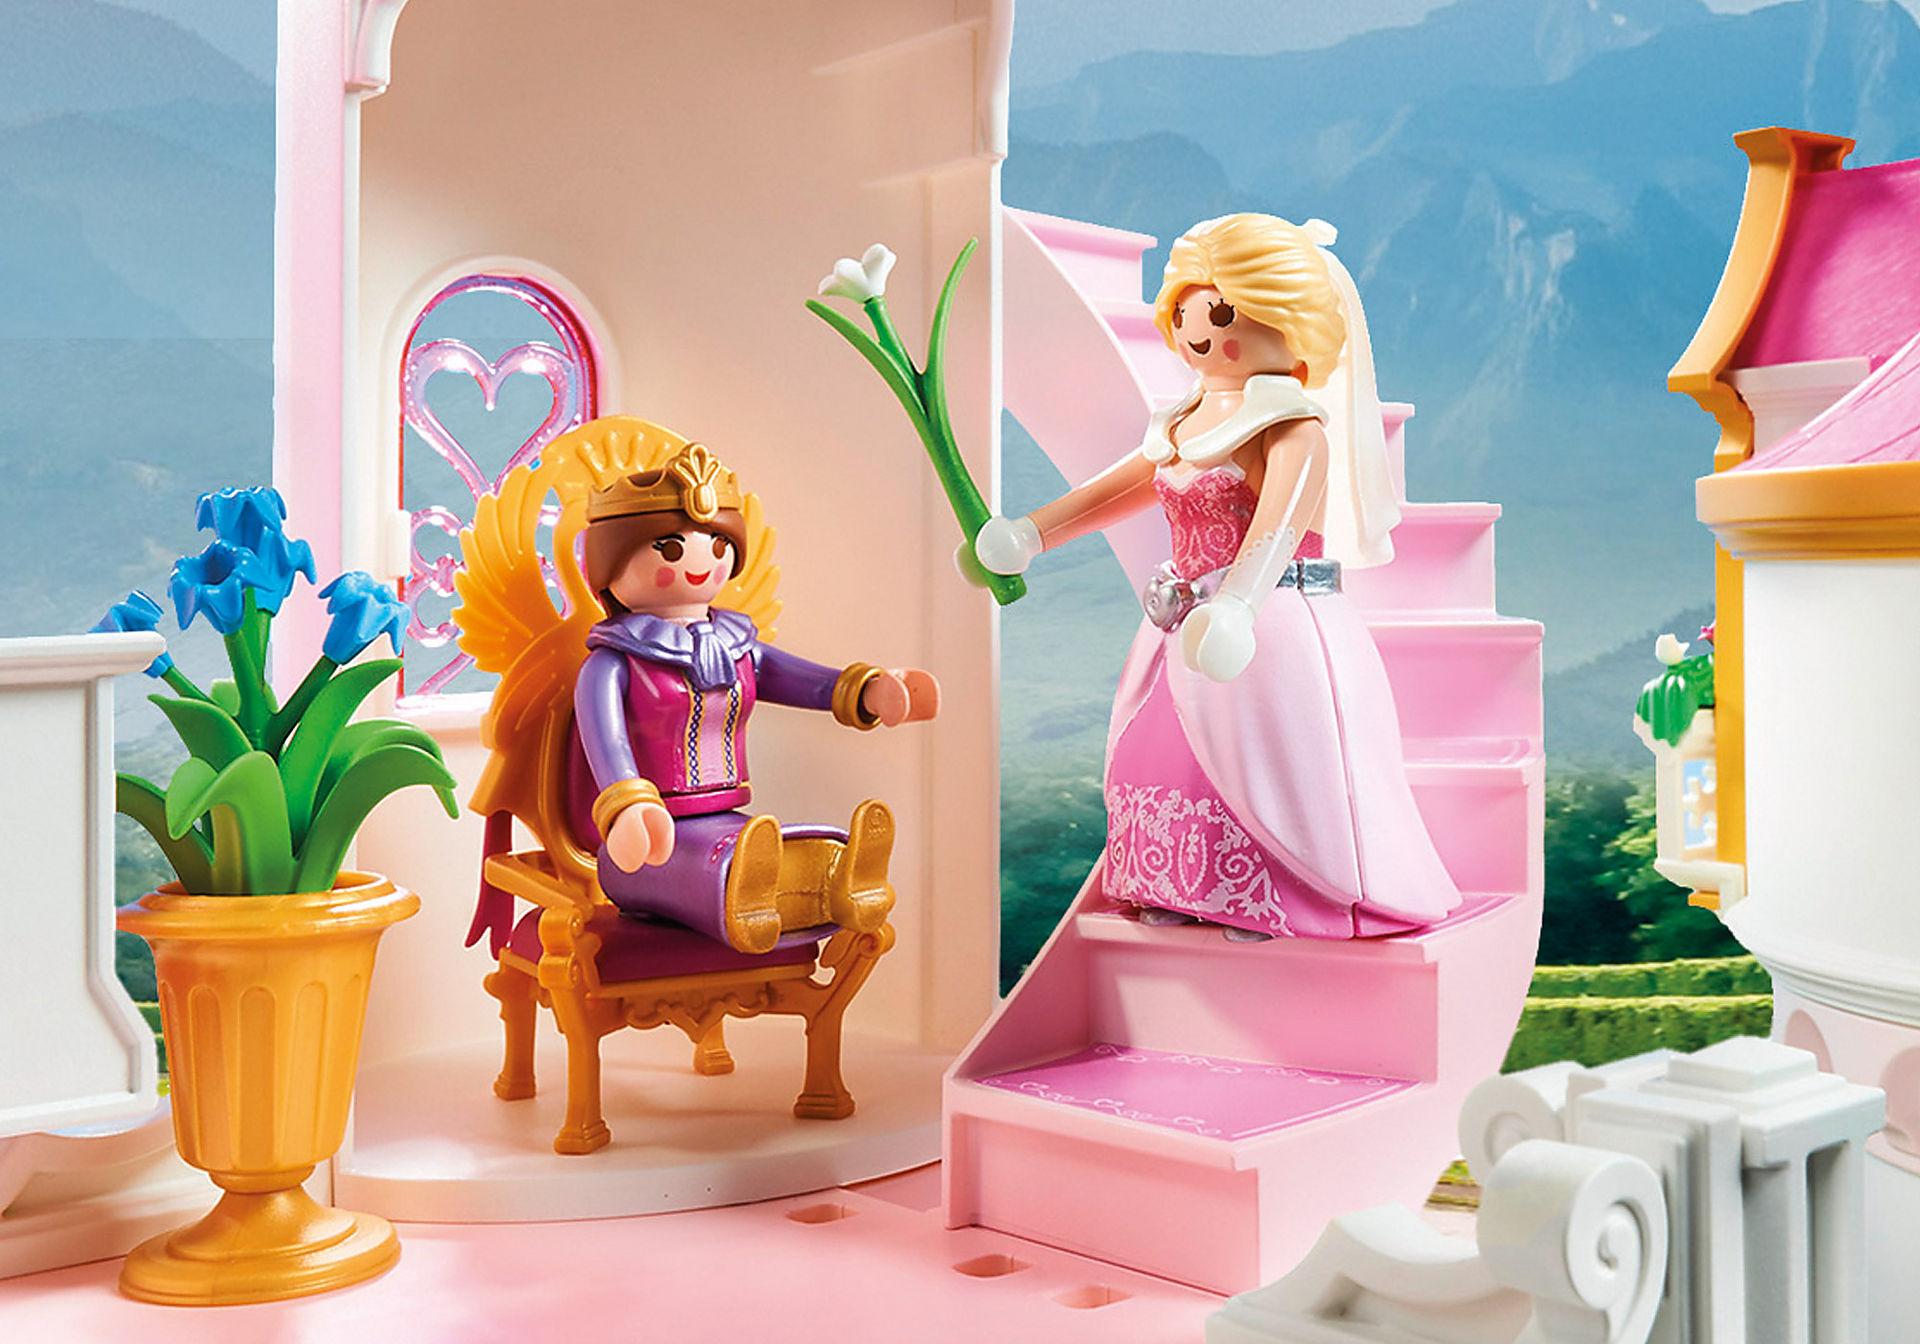 70447 Duży zamek księżniczki zoom image7